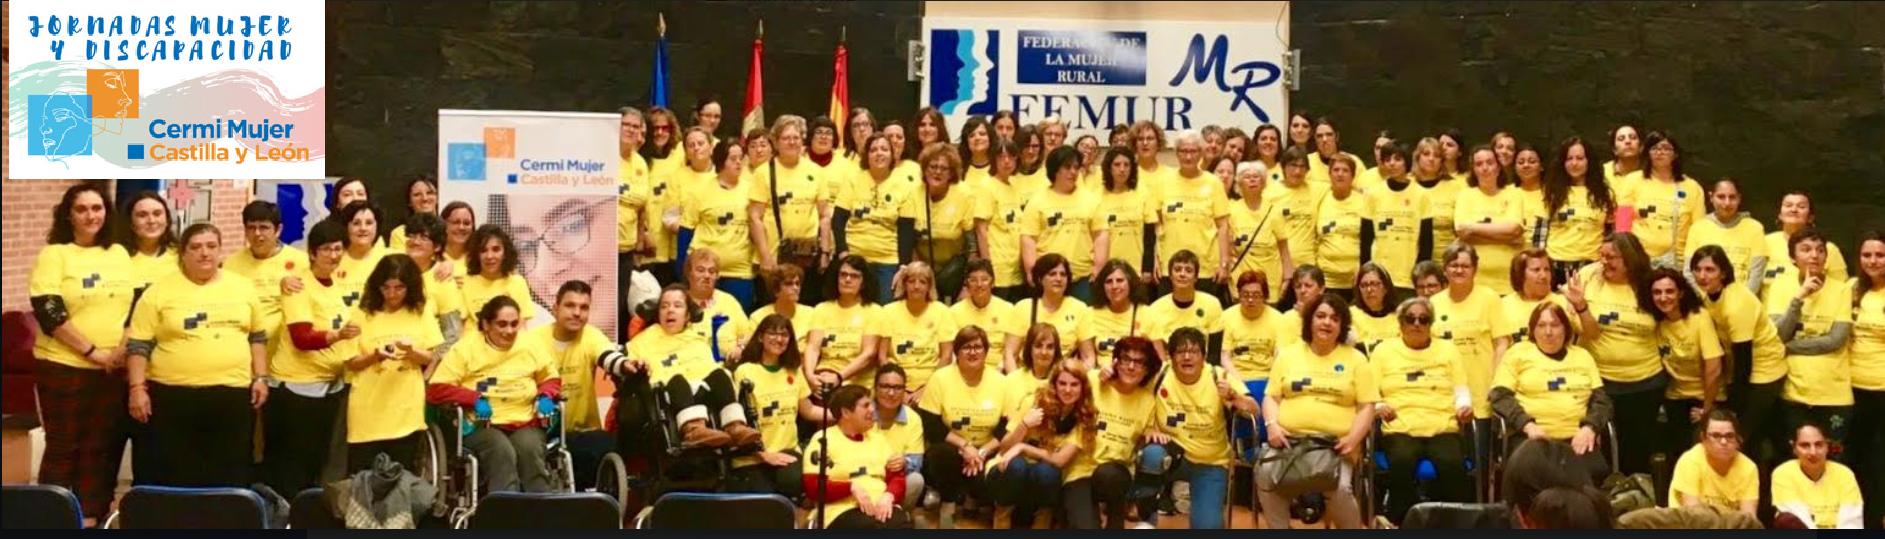 Primer Encuentro Mujer y Discapacidad Cermi CyL. Hontalbilla